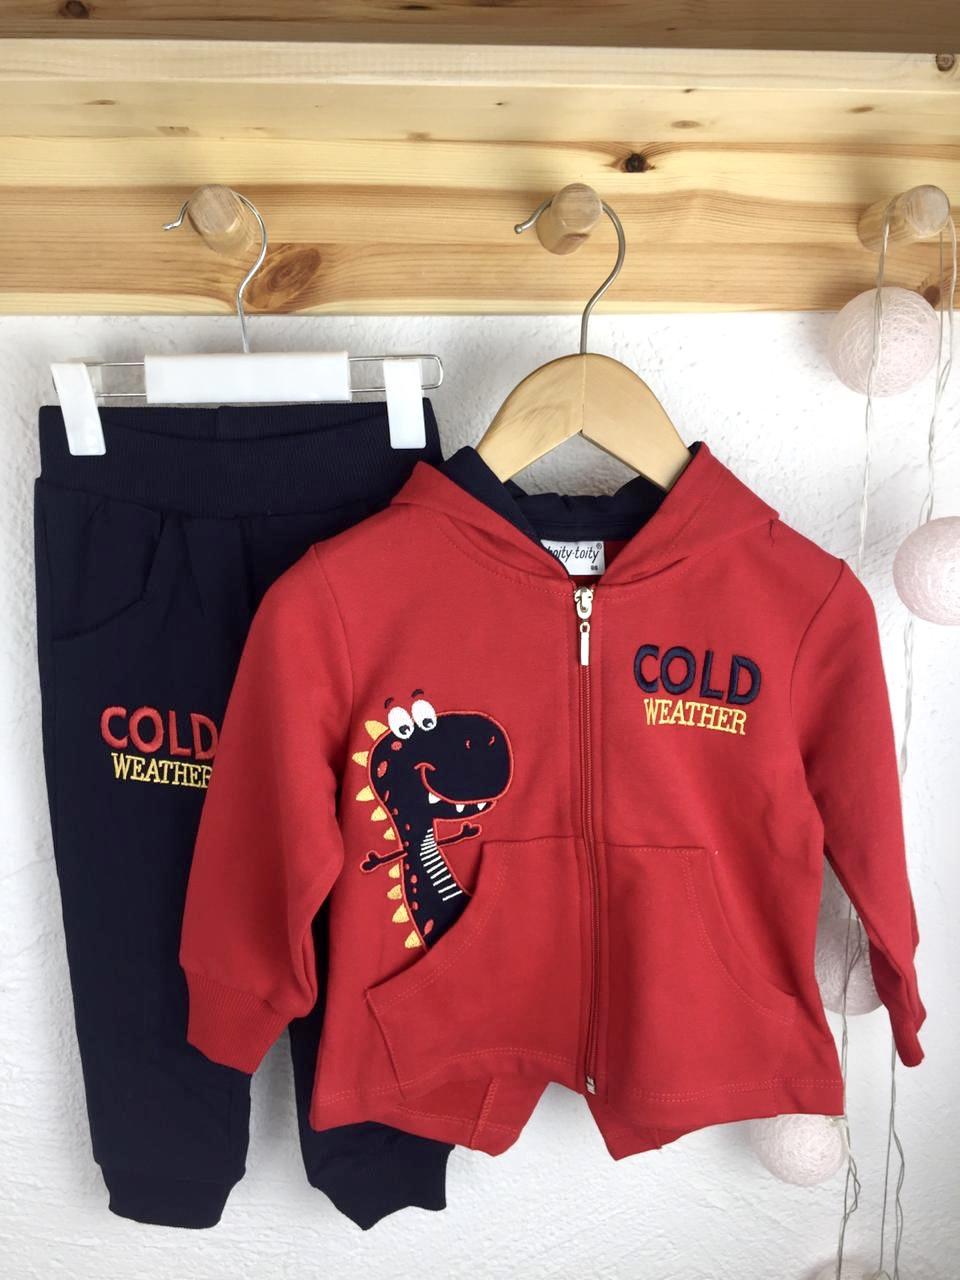 №16069 Костюм для мальч hoity-toity кр с дино, cold weather 86-110 см 0302